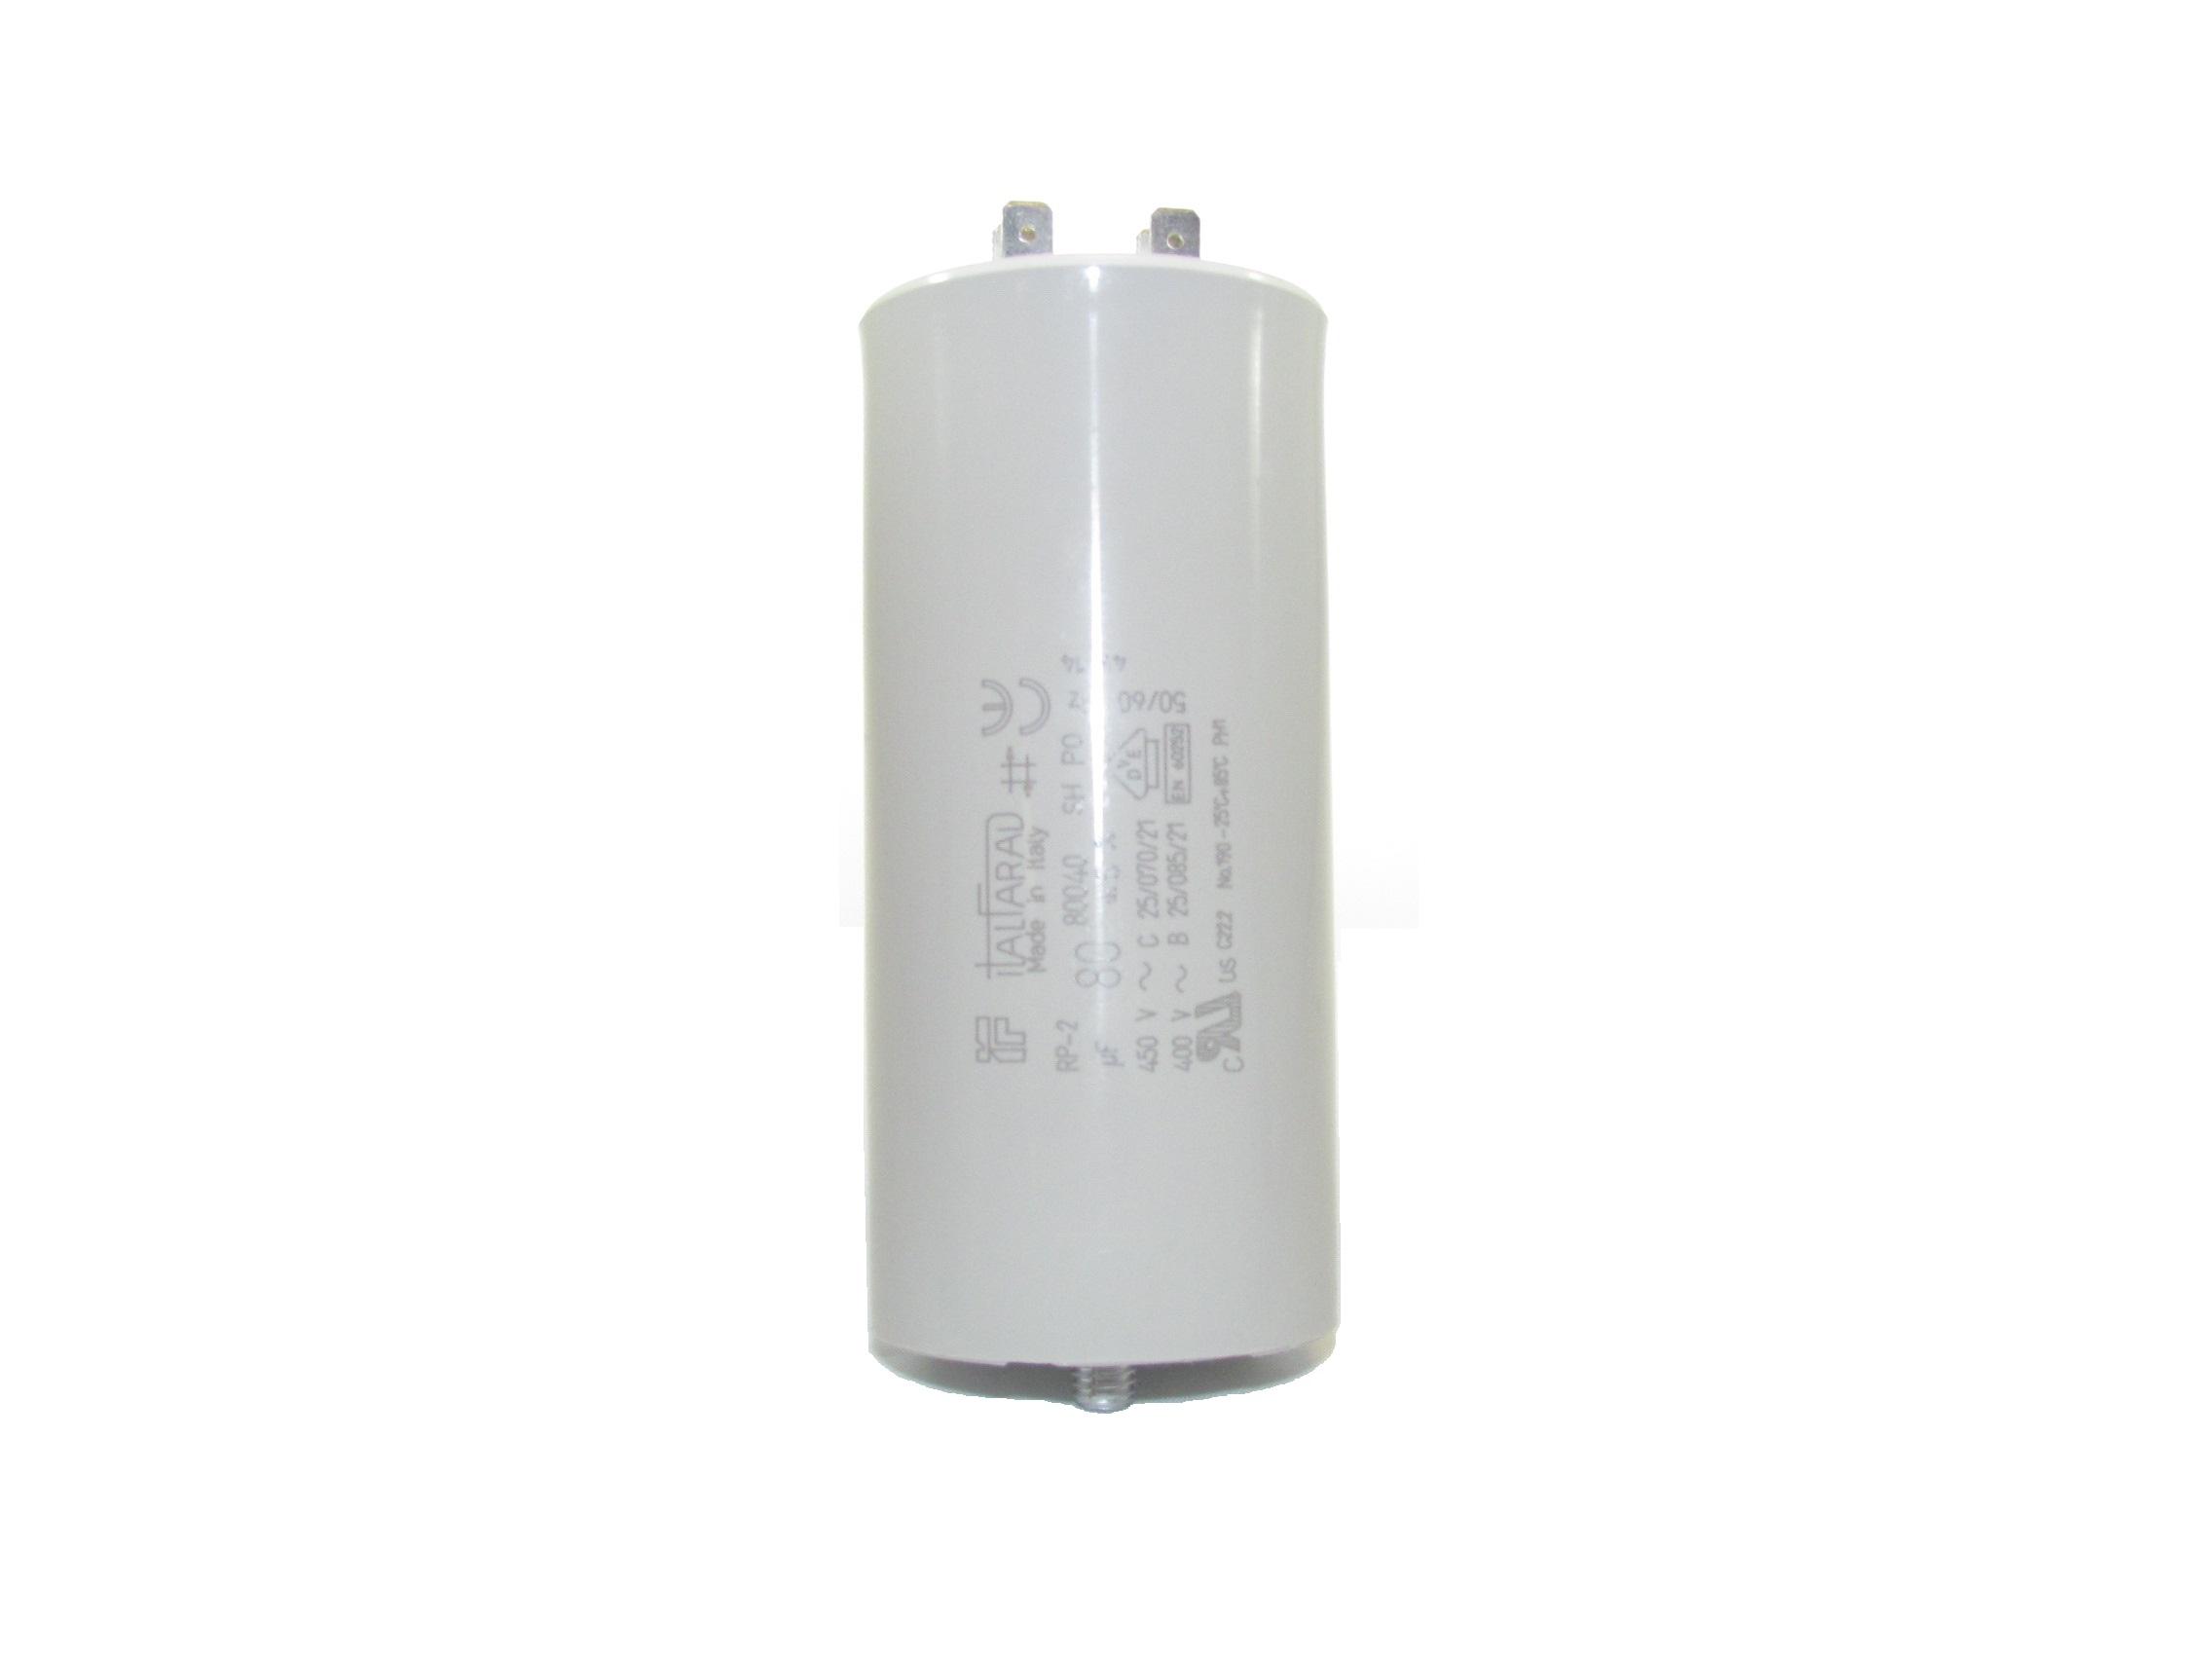 Rpn2f806m8 80 Uf 400 450 Vac Capacitor 9312400800500